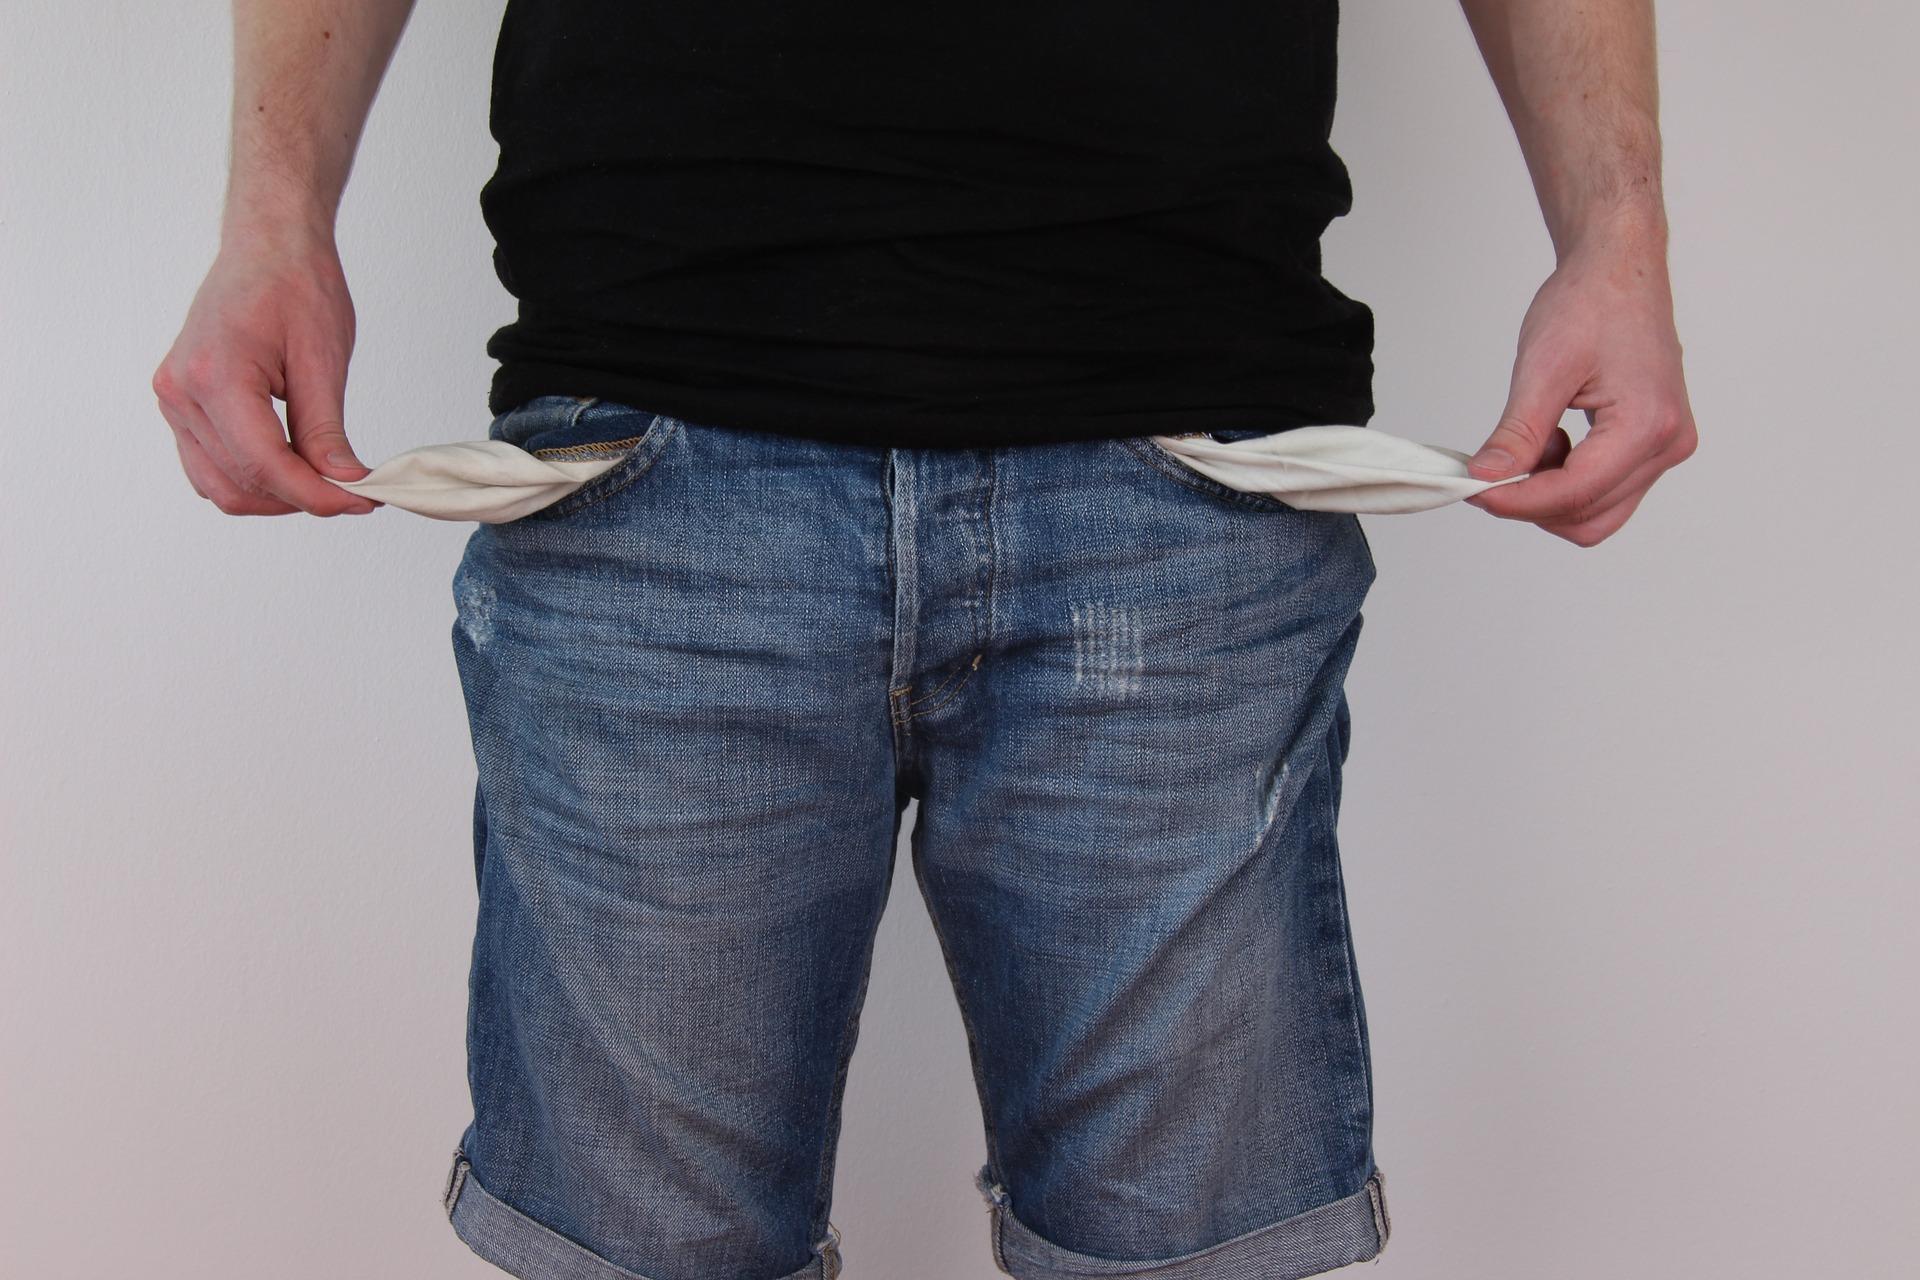 期間工になるための初期費用を用意できないときの対処法